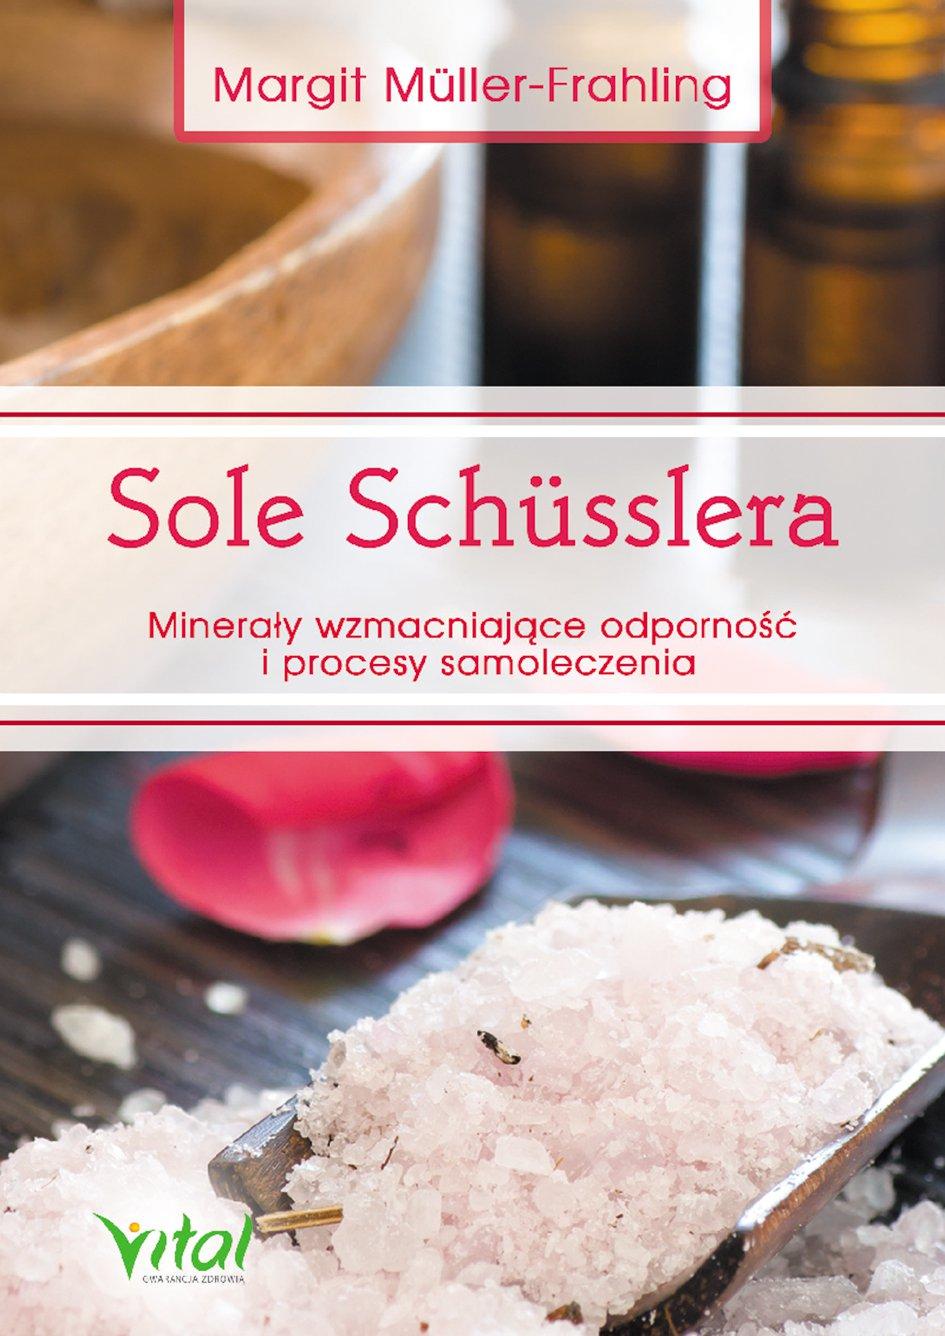 Sole Schusslera. Minerały wzmacniające odporność - Ebook (Książka PDF) do pobrania w formacie PDF